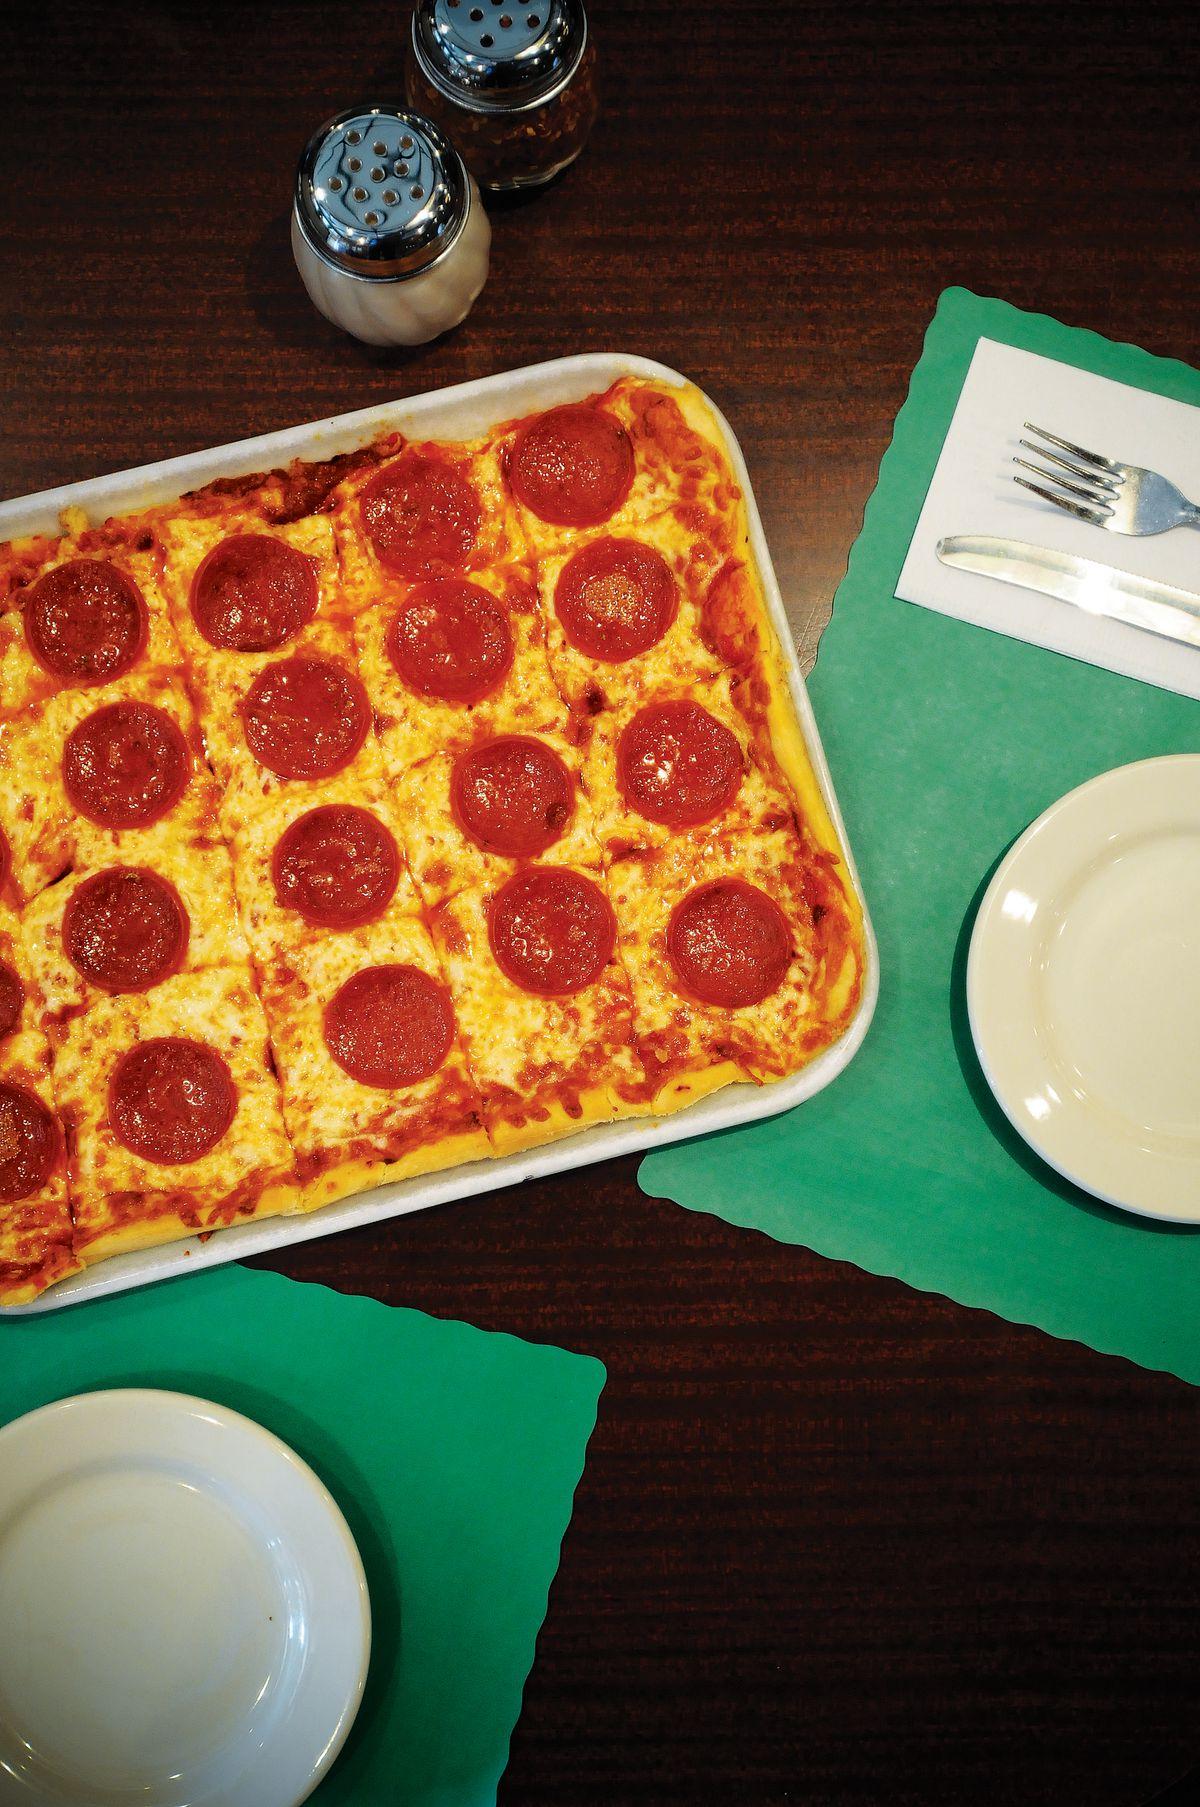 FILE PHOTO 2010 - Ledo Pizza has many restaurants across Maryla